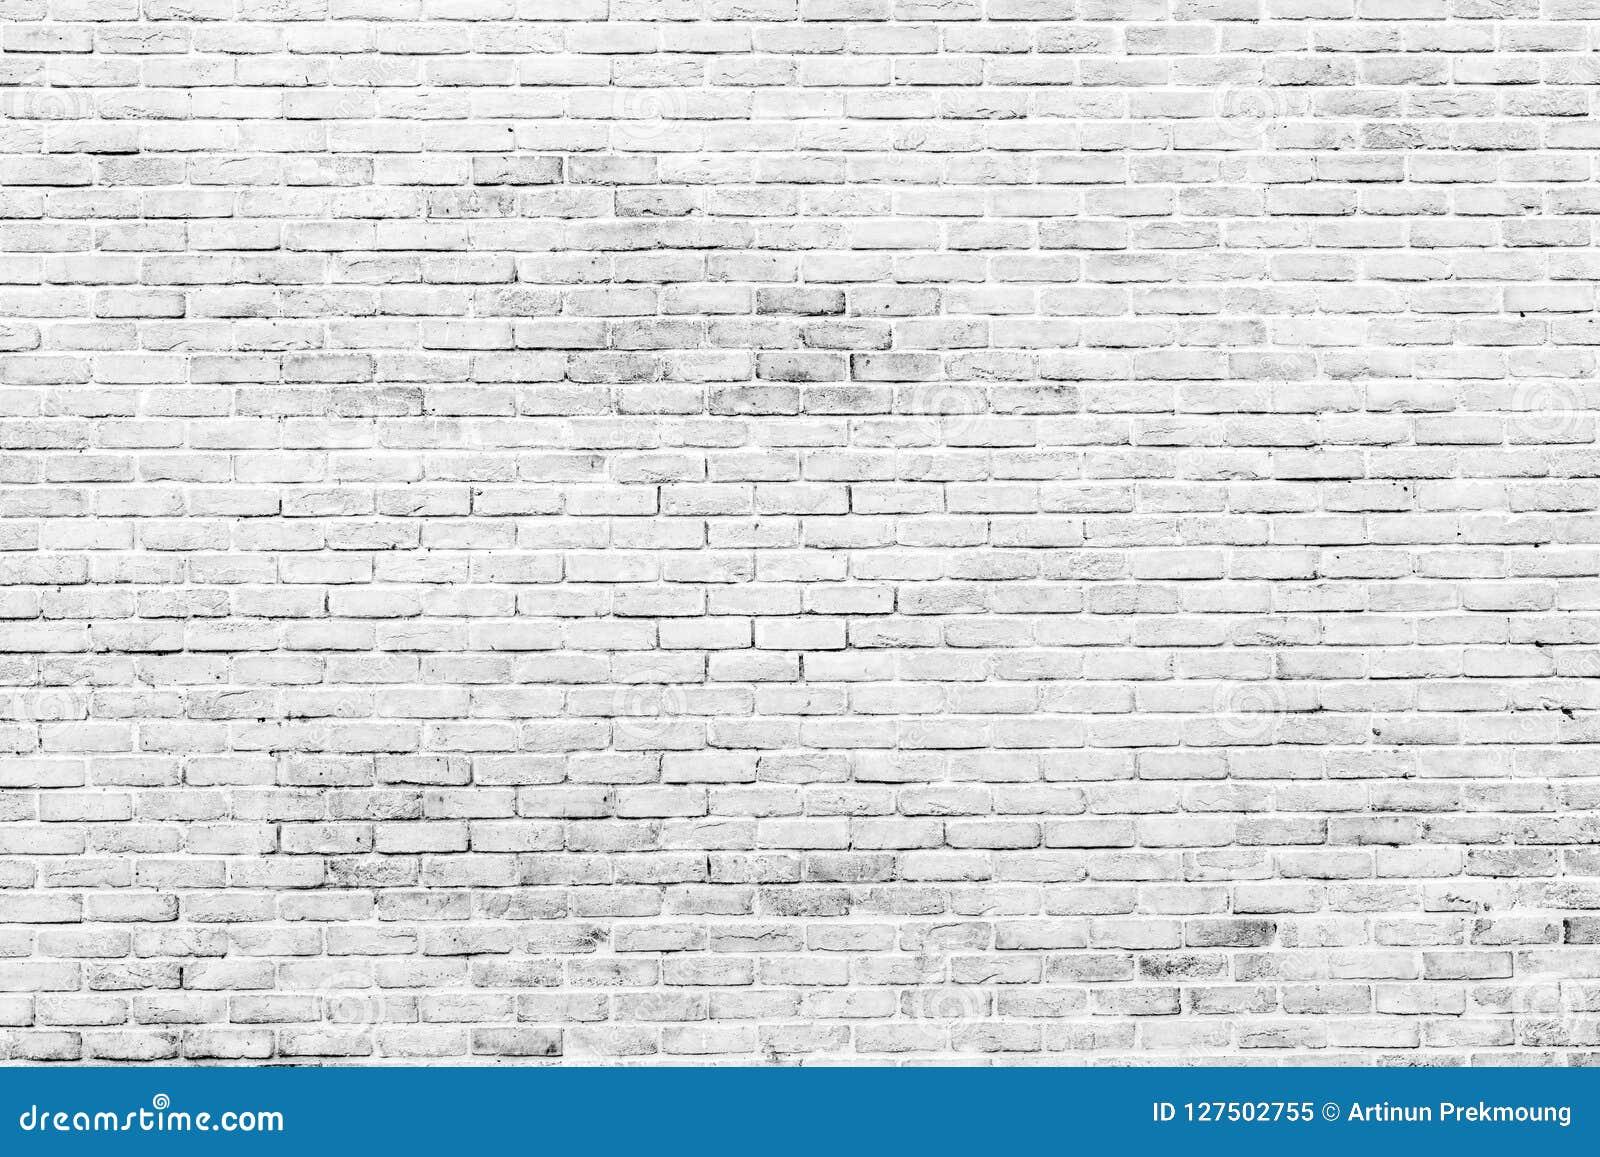 Vit och grå bakgrund för textur för tegelstenvägg med utrymme för text Vit tegelstentapet Hemmiljögarnering arkitektur